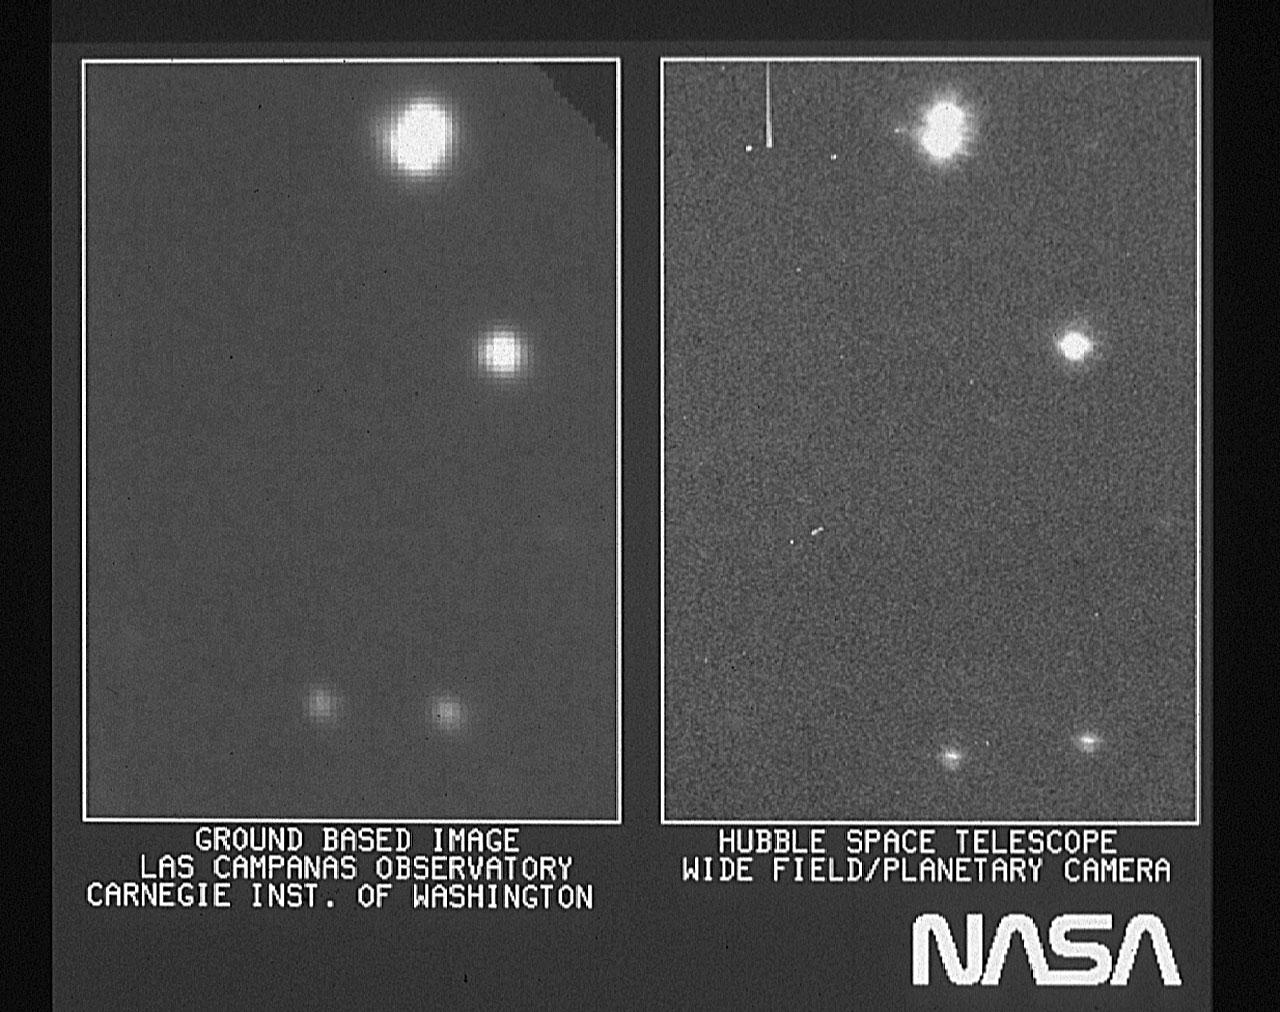 Parte de la primera imagen tomada por el telescopio espacial Hubble comparada con la misma imagen tomada desde Tierra.  Si bien parece mejor, lo es solo por un factor muy pequeño, un reflejo de su miopía precoz (crédito: NASA)